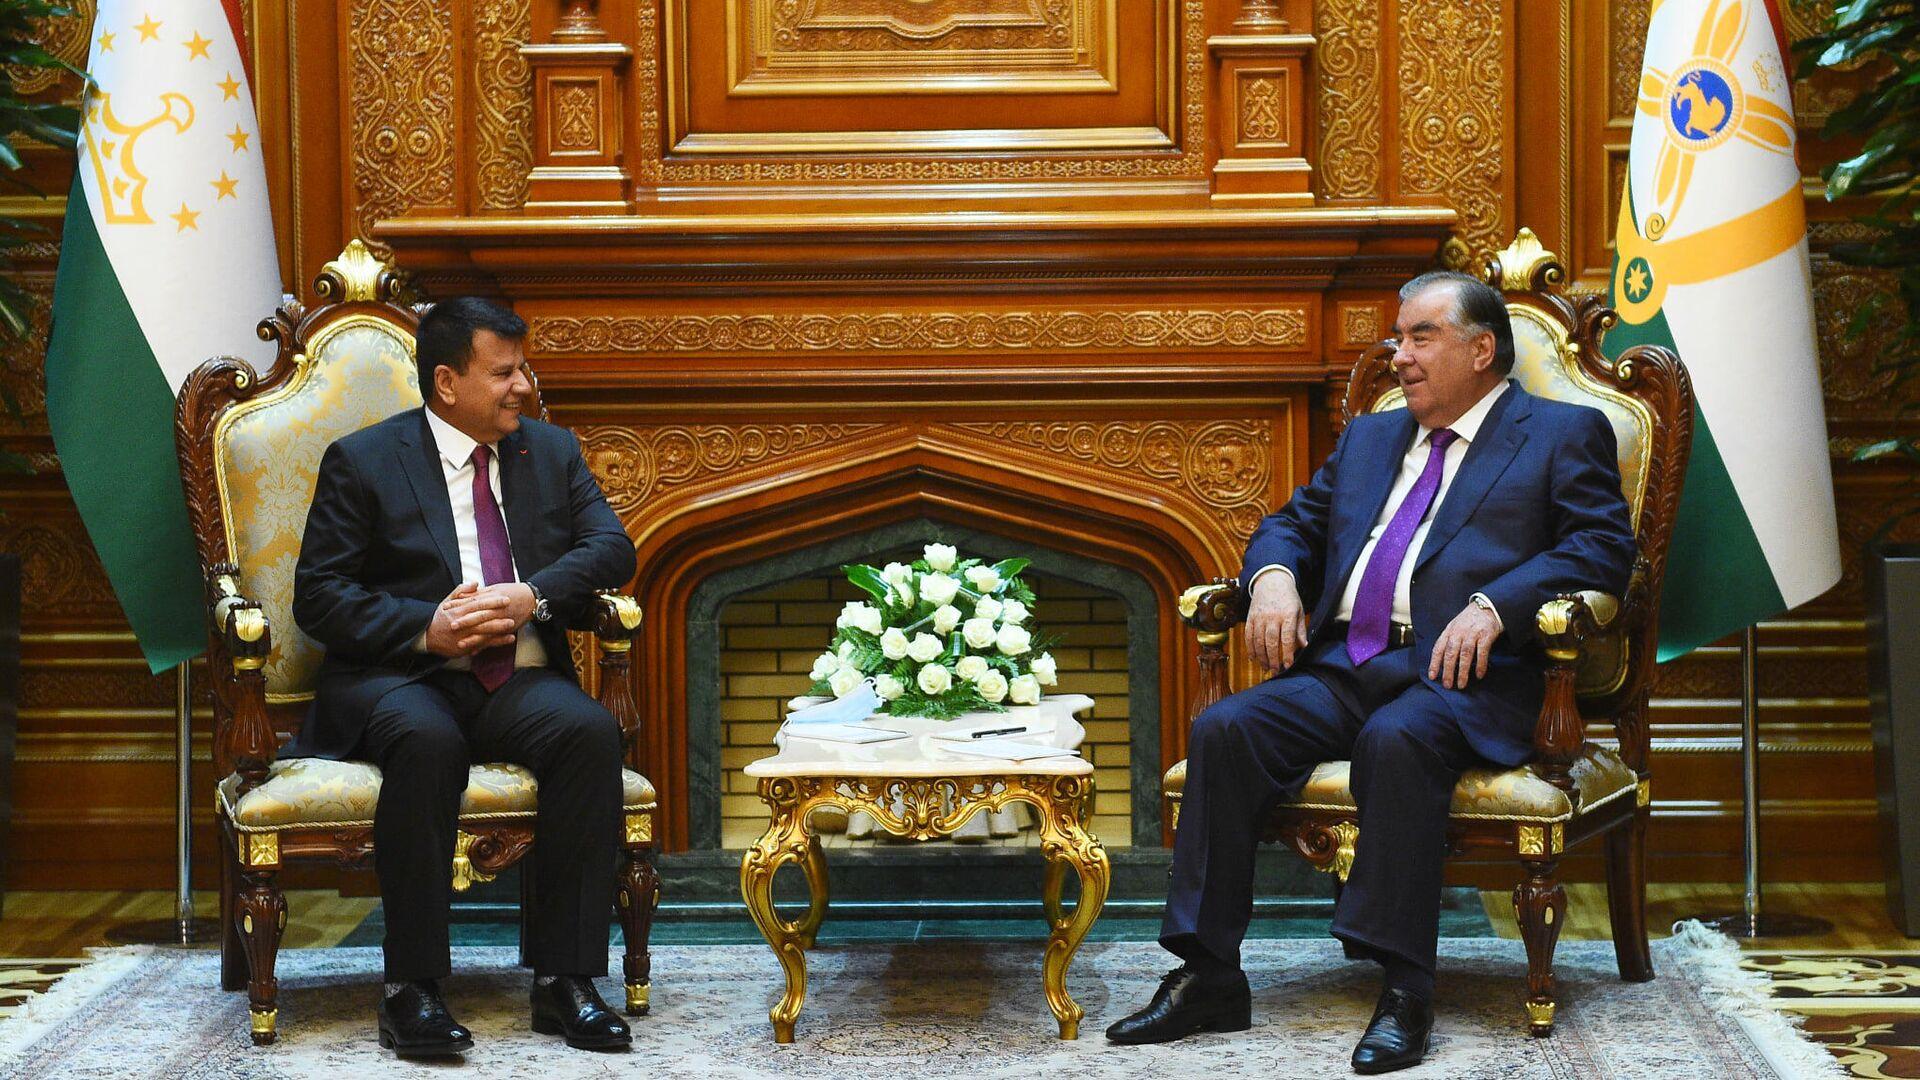 Президент Таджикистана Эмомали Рахмон и Мир Рахмон Рахмони, председатель Маджлиси намояндагон - Sputnik Таджикистан, 1920, 30.06.2021